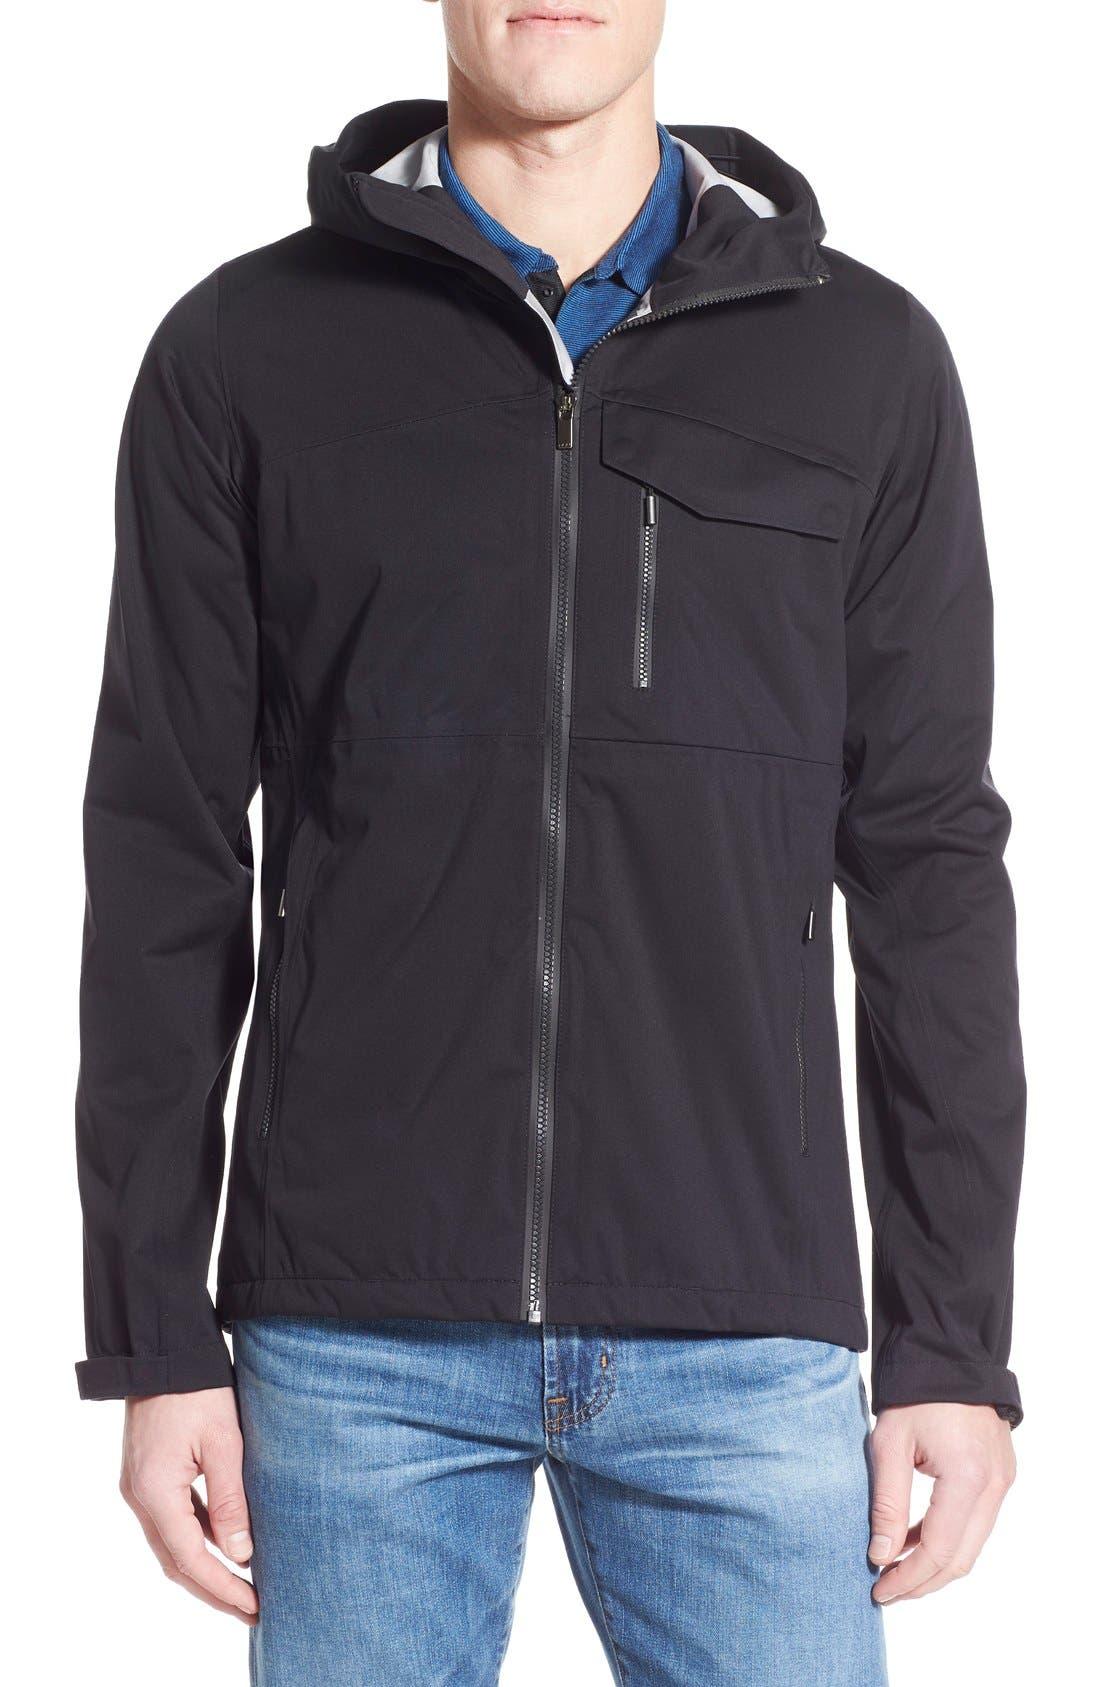 Nau 'Rebound' Regular Fit Zip Hooded Jacket